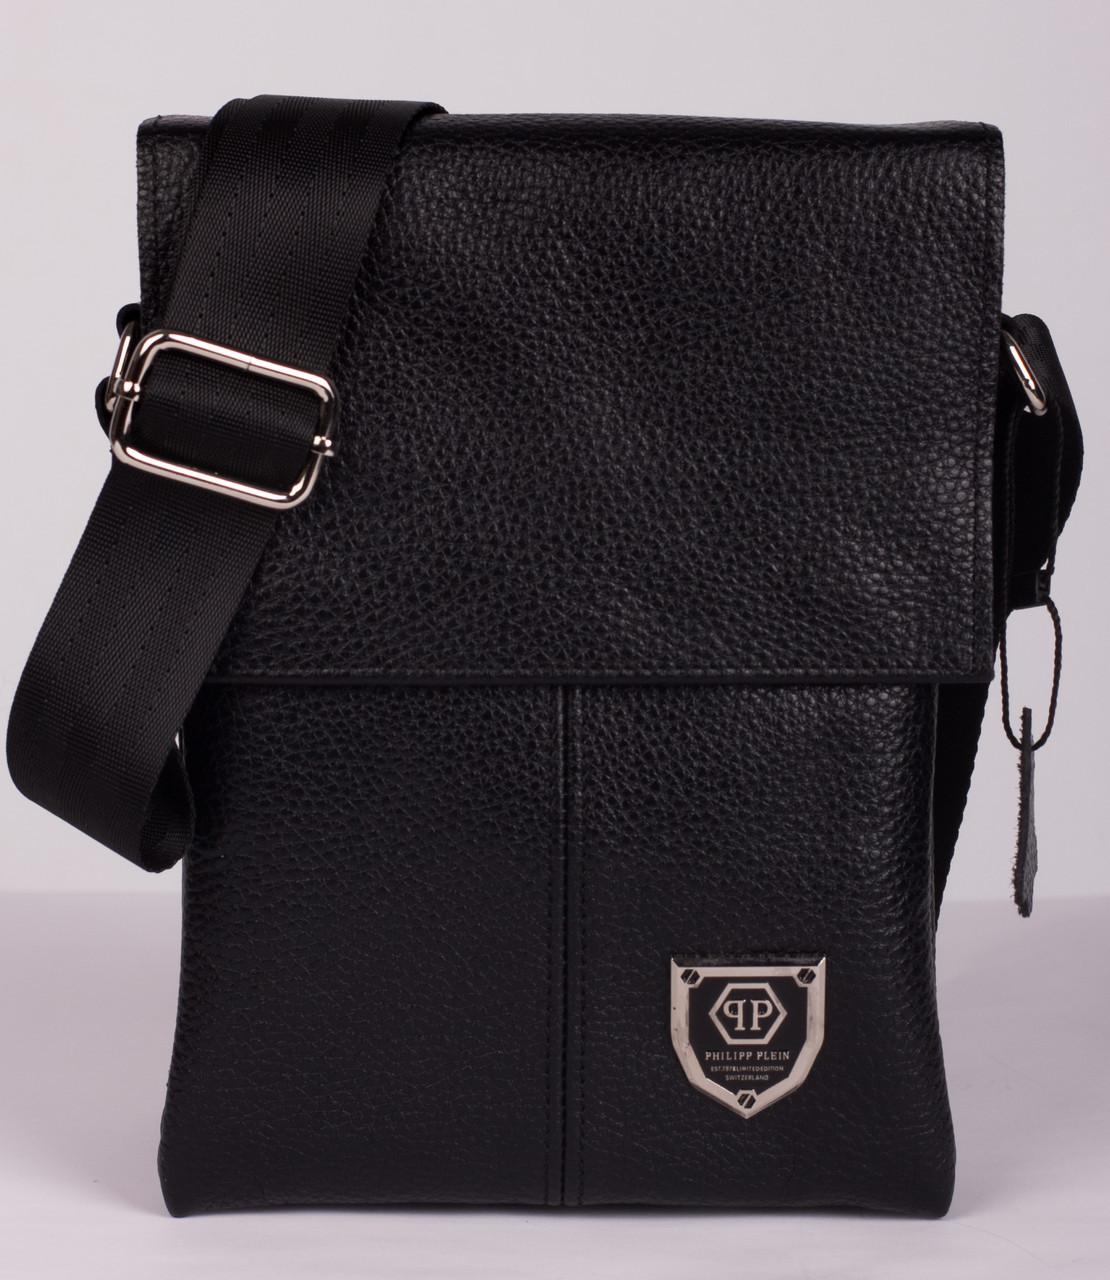 Кожаная мужская сумка Philipp Plein 21х16 см. Мужская сумка из натуральной кожи